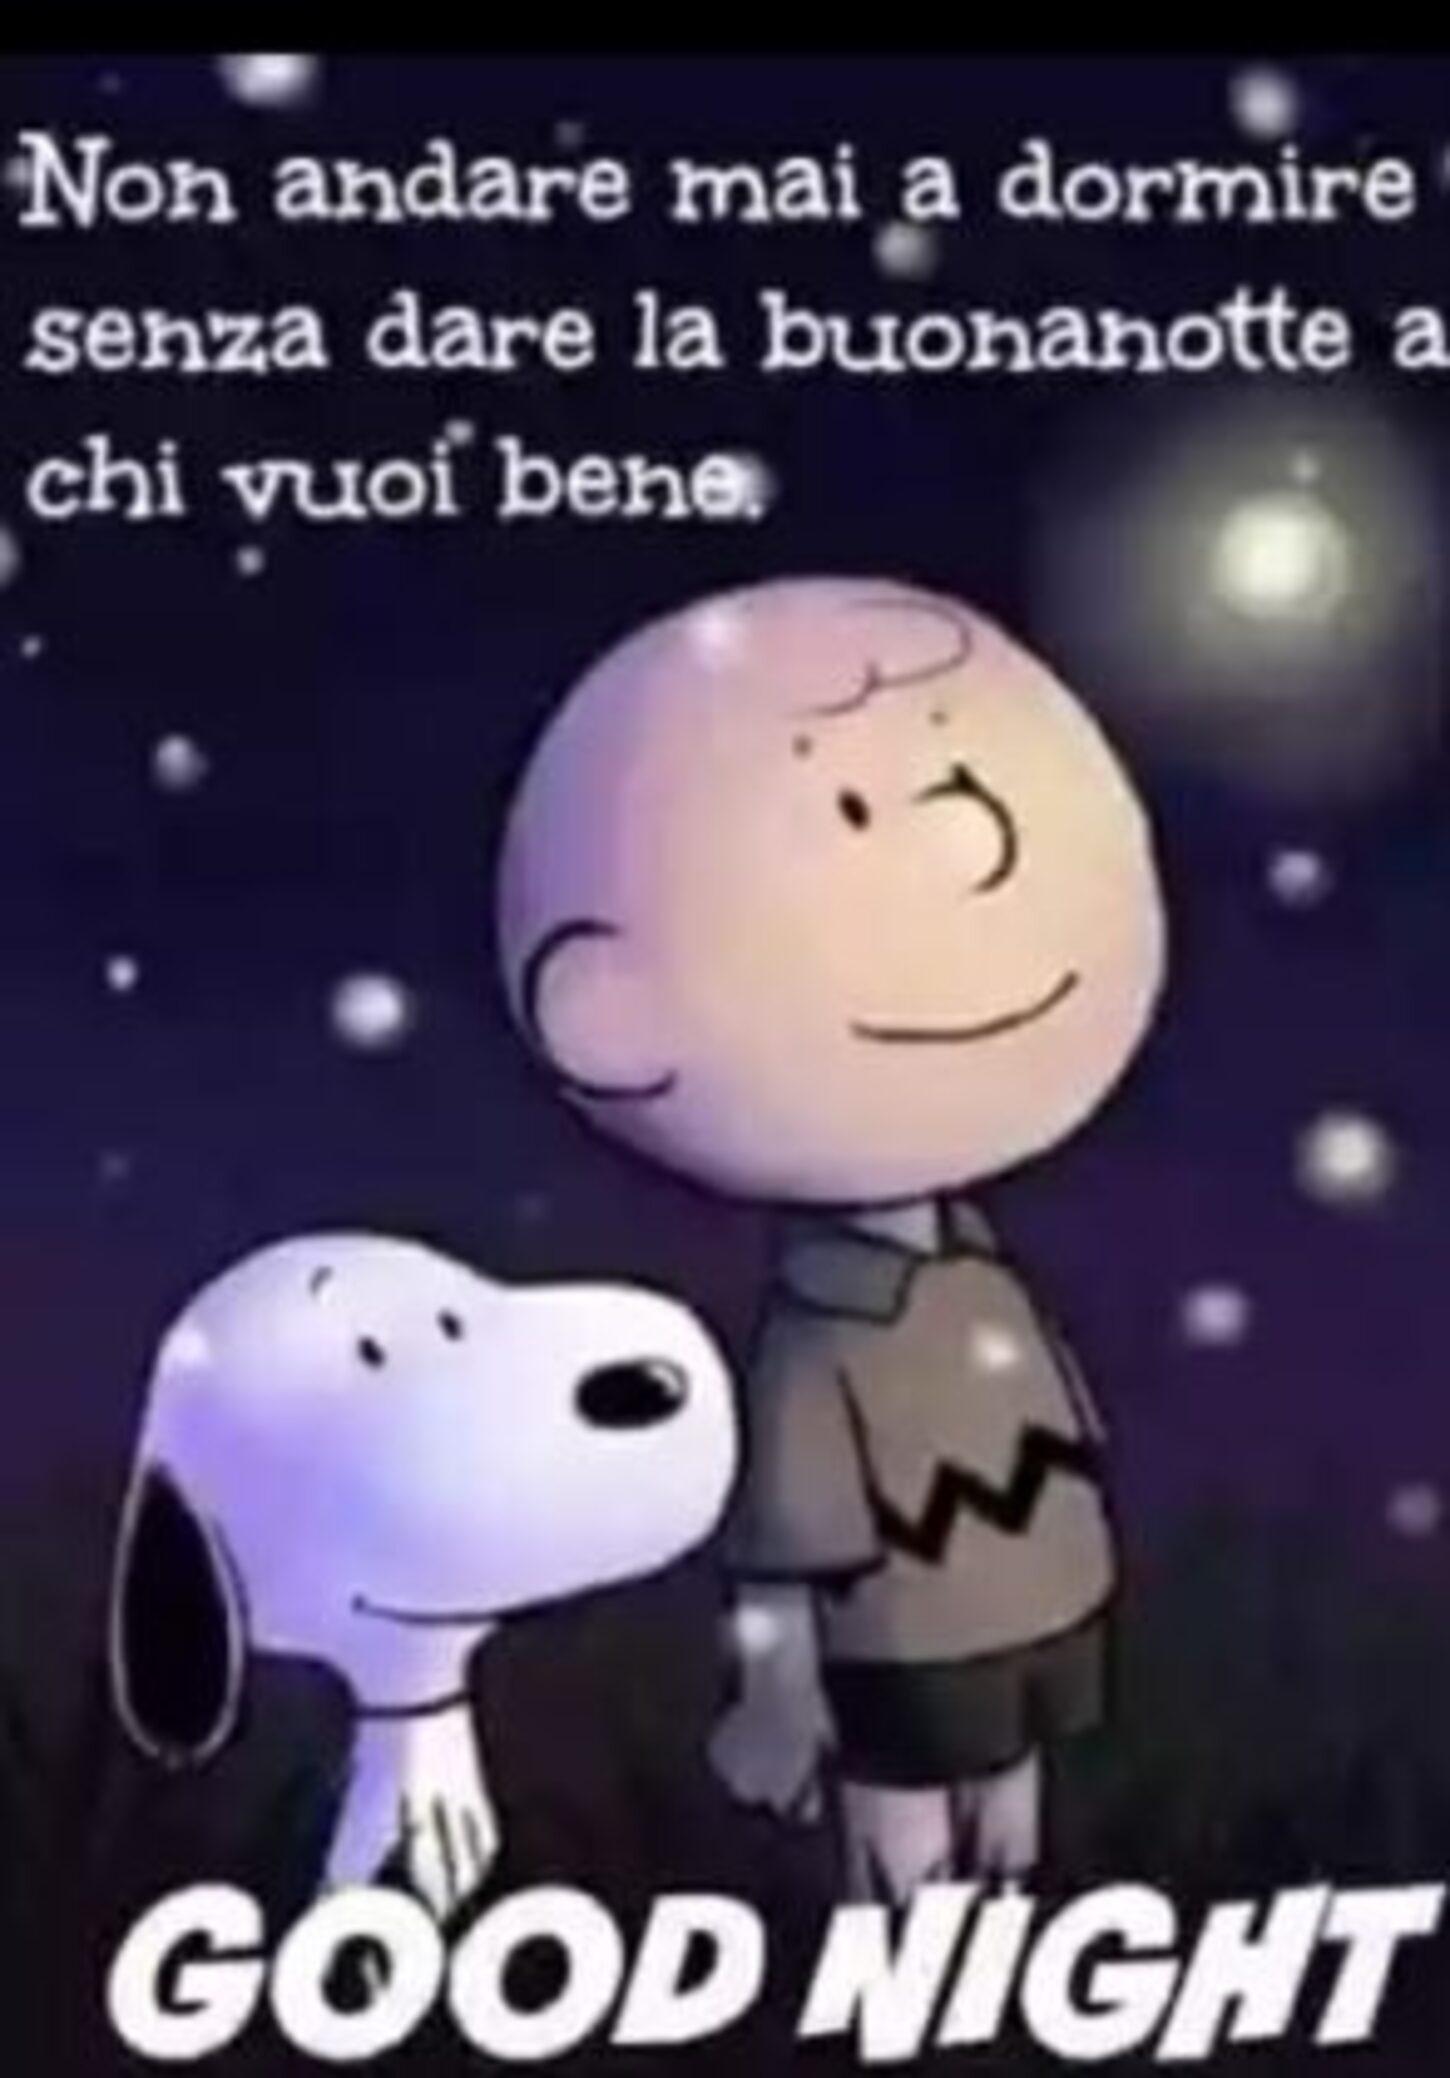 Non andare mai a dormire senza dare la Buonanotte a chi vuoi bene, Snoopy